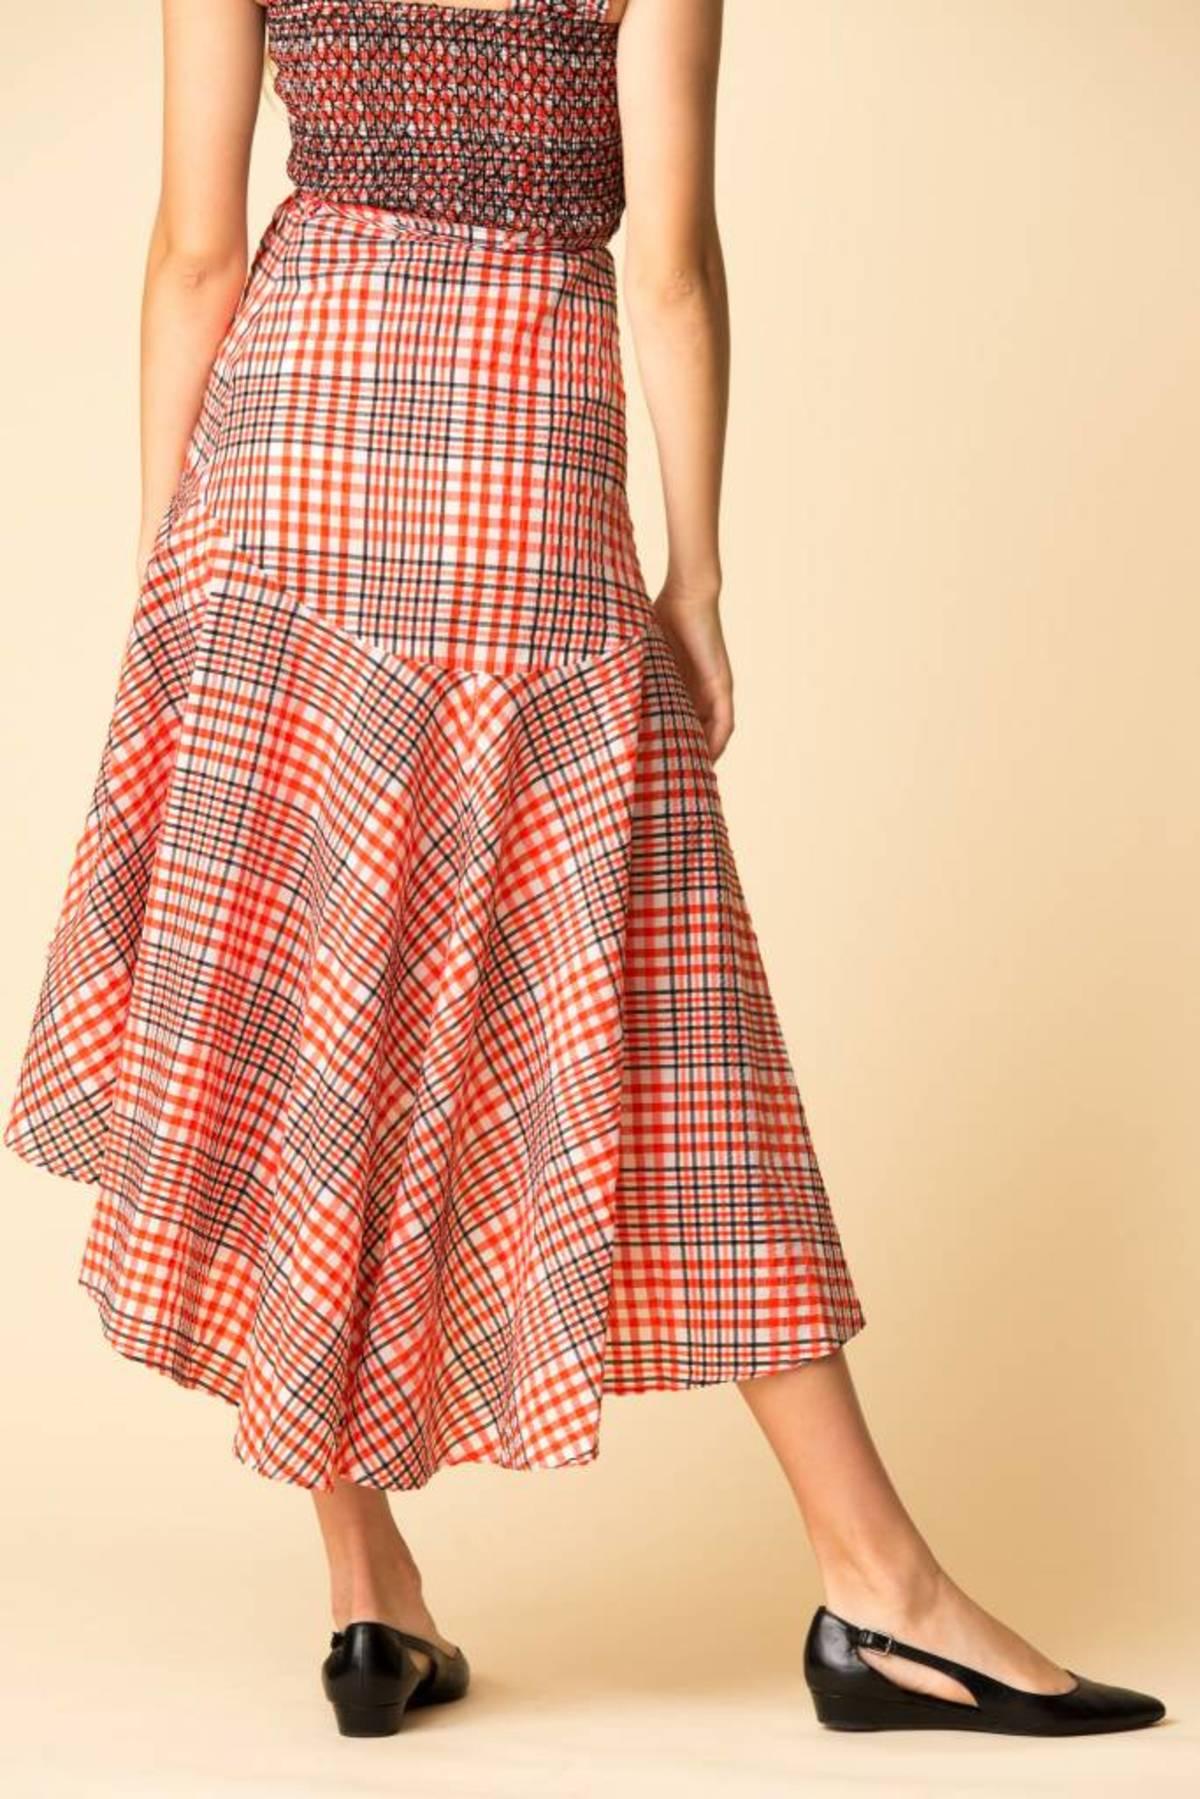 fea0a2915b Ganni Charron Wrap Skirt - BIG APPLE RED | Garmentory